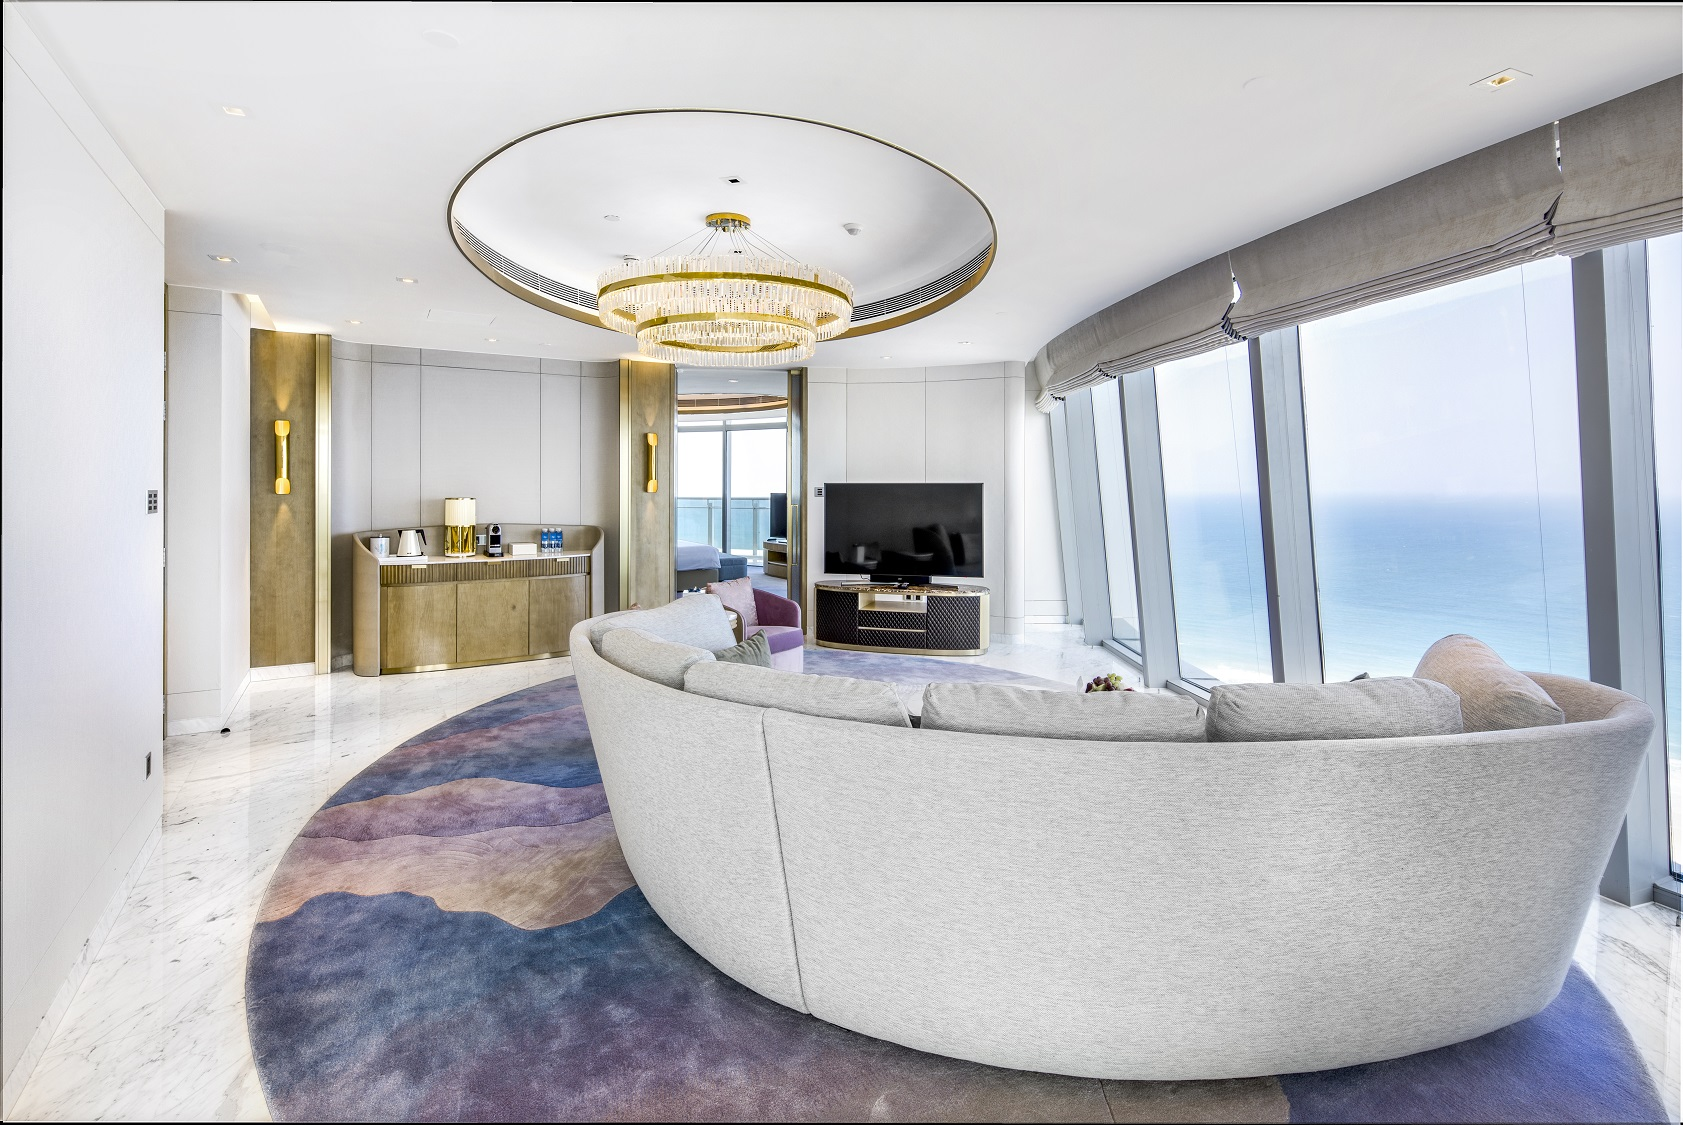 2019酒店排行_这些奢侈品牌,居然做出了全世界最好的酒店